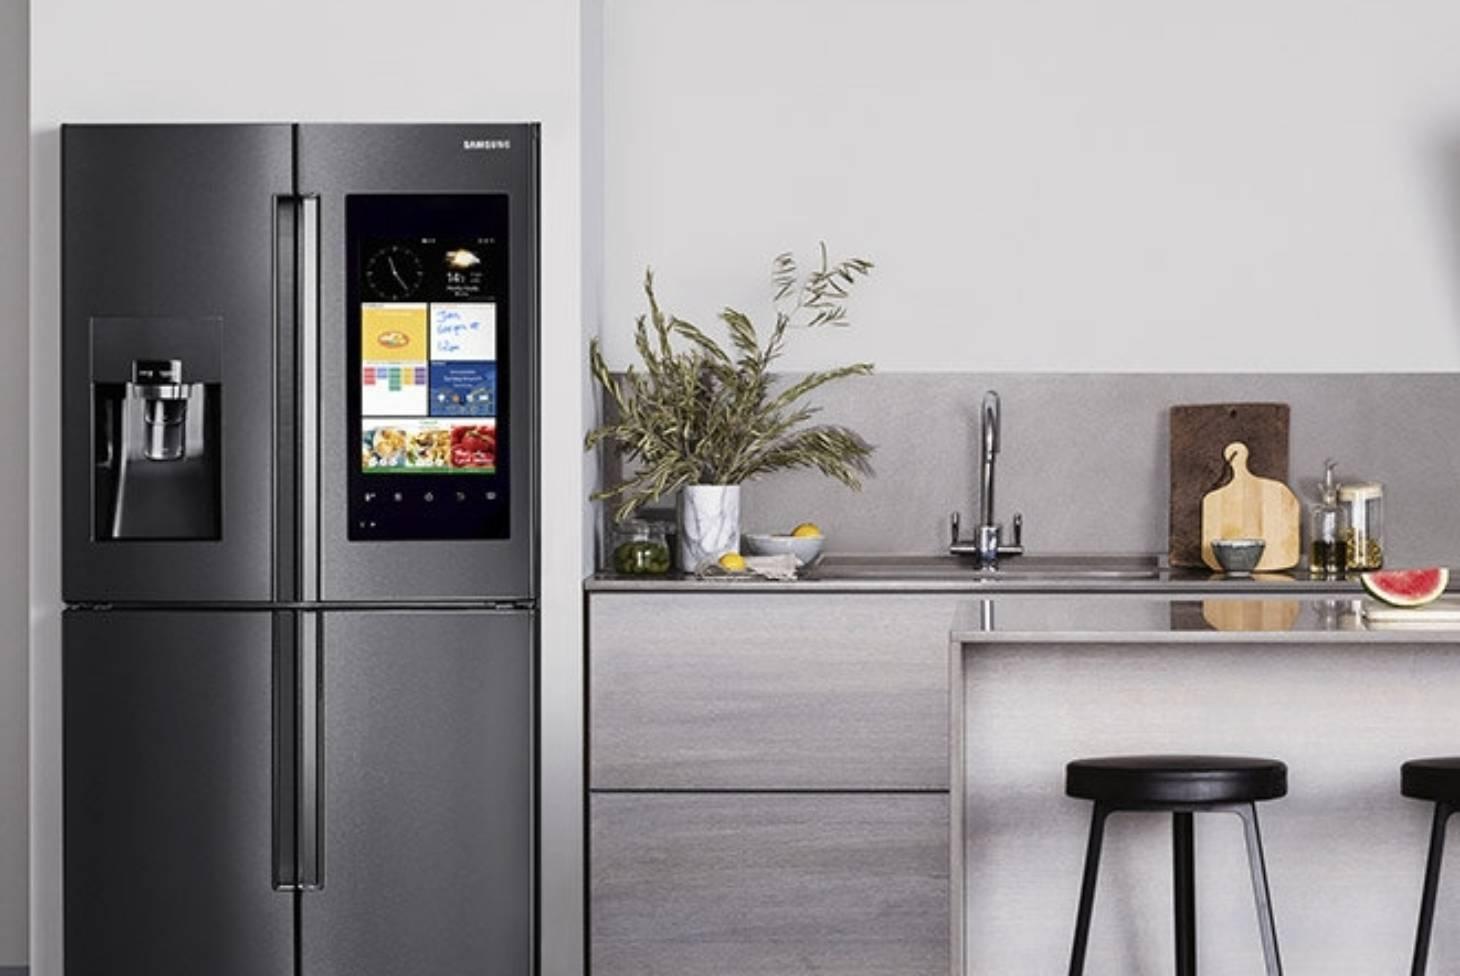 Tìm hiểu về công nghệ kháng khuẩn, khử mùi trên tủ lạnh